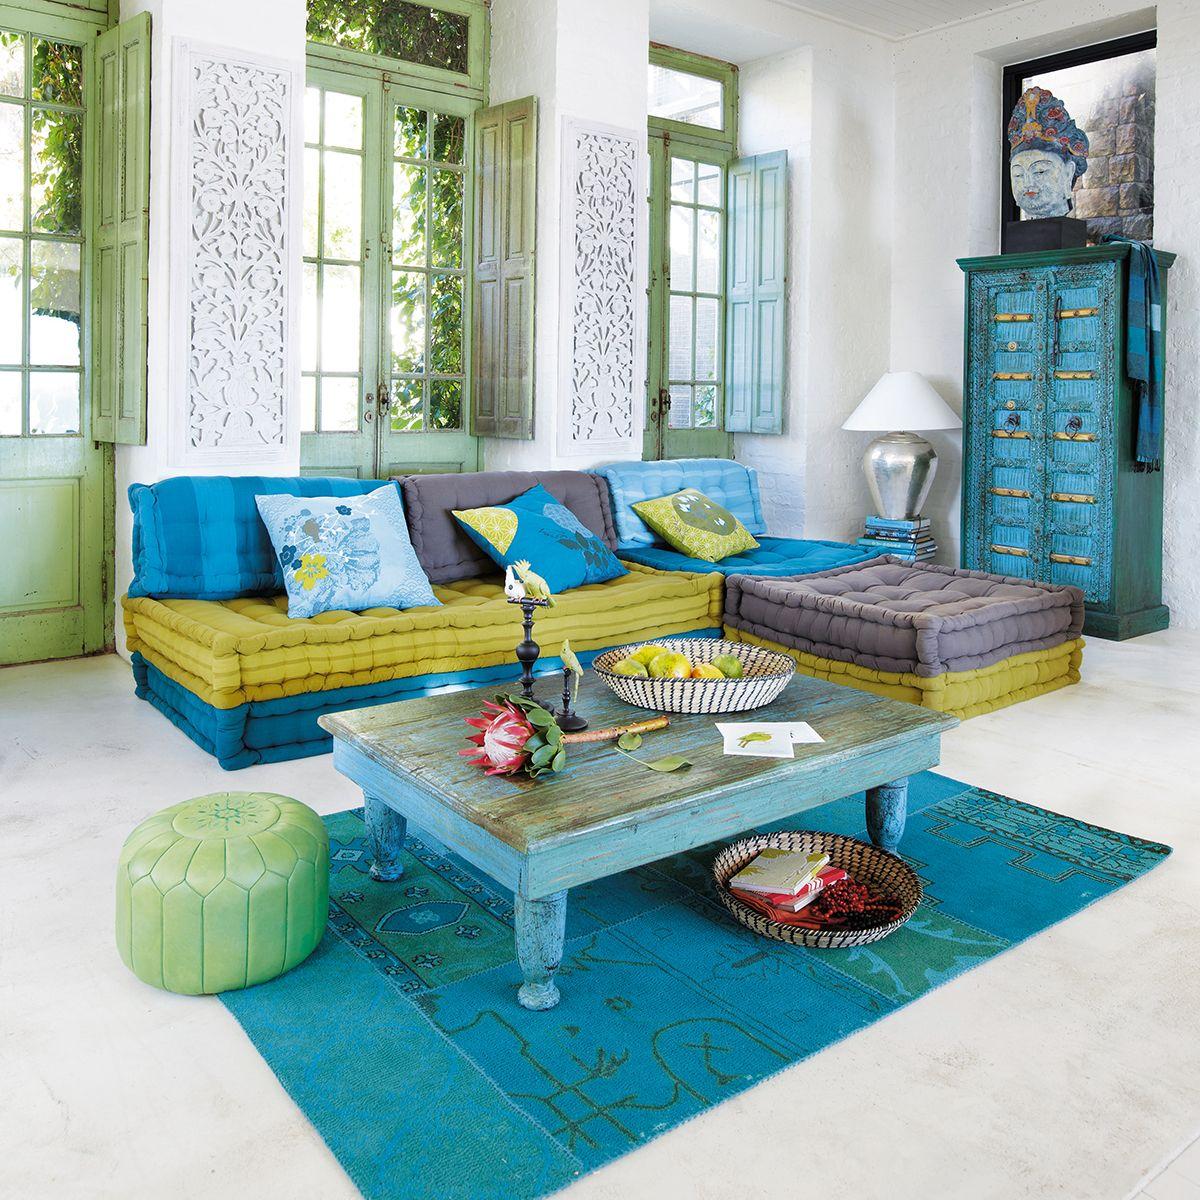 banquette canap d 39 angle 6 places modulable bleu vert kimimoi maisons du monde colorful. Black Bedroom Furniture Sets. Home Design Ideas